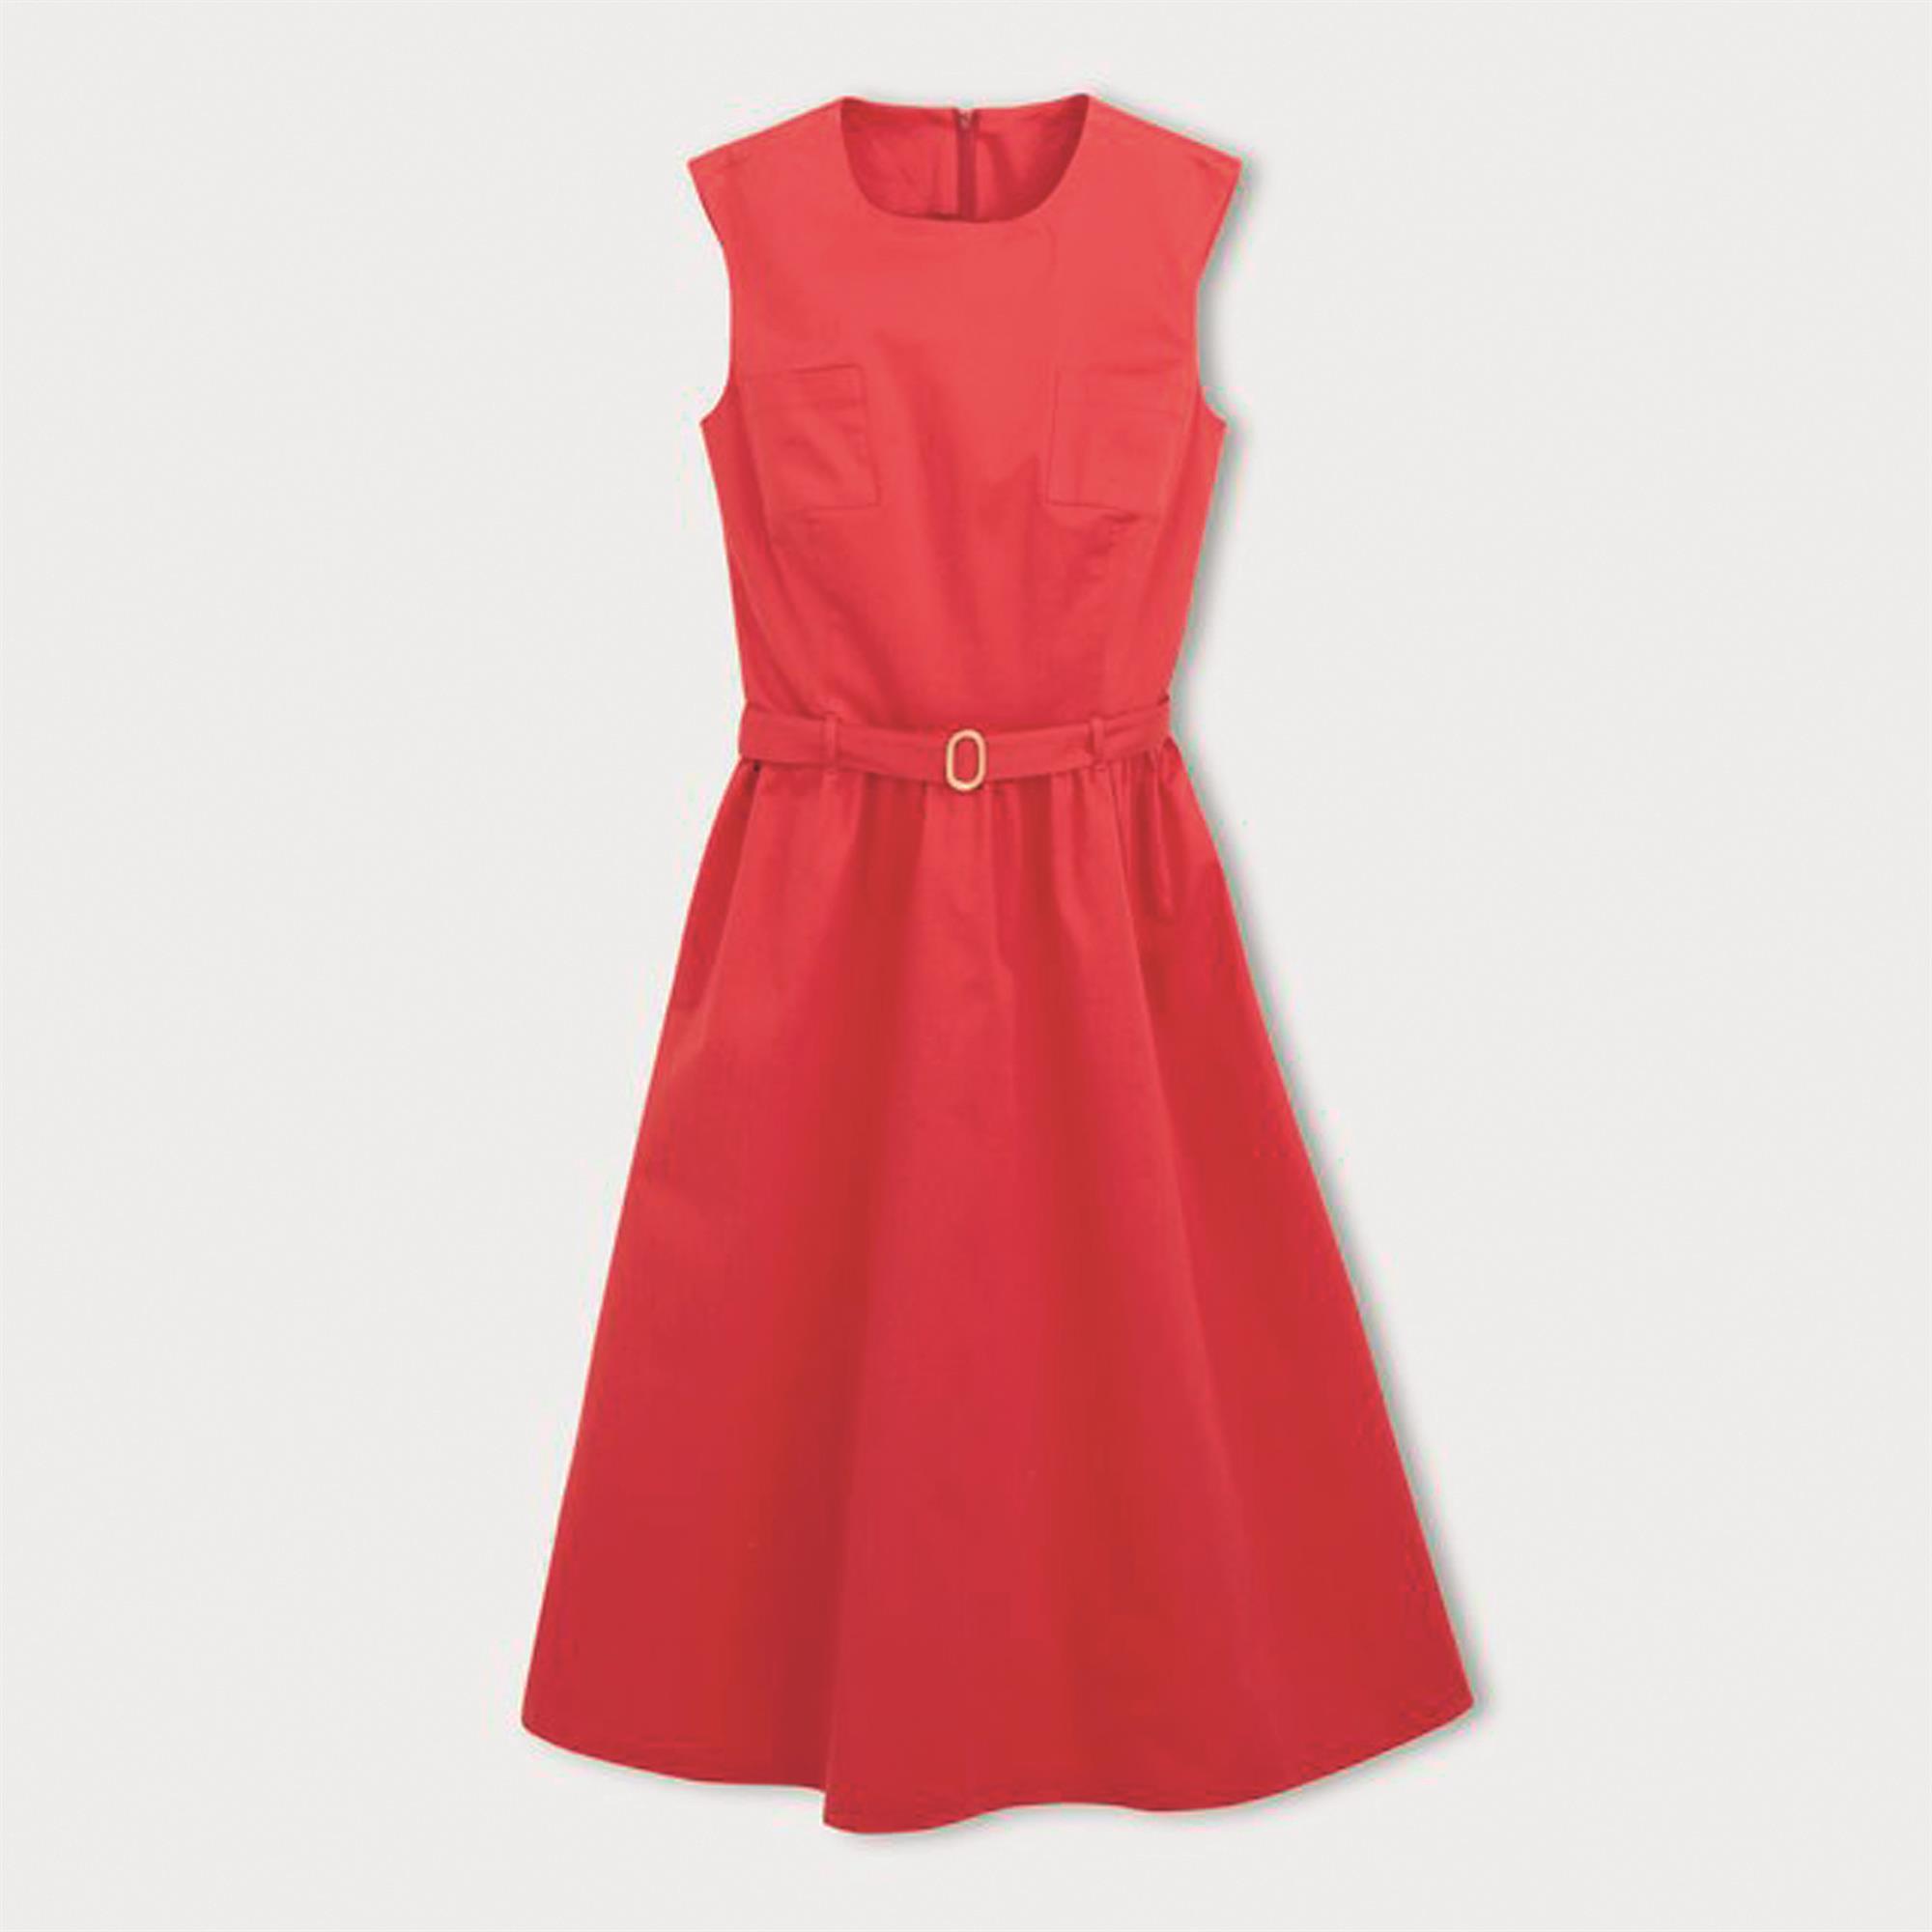 aa5198ee2e Elegante y sexy con un vestido rojo - InStyle